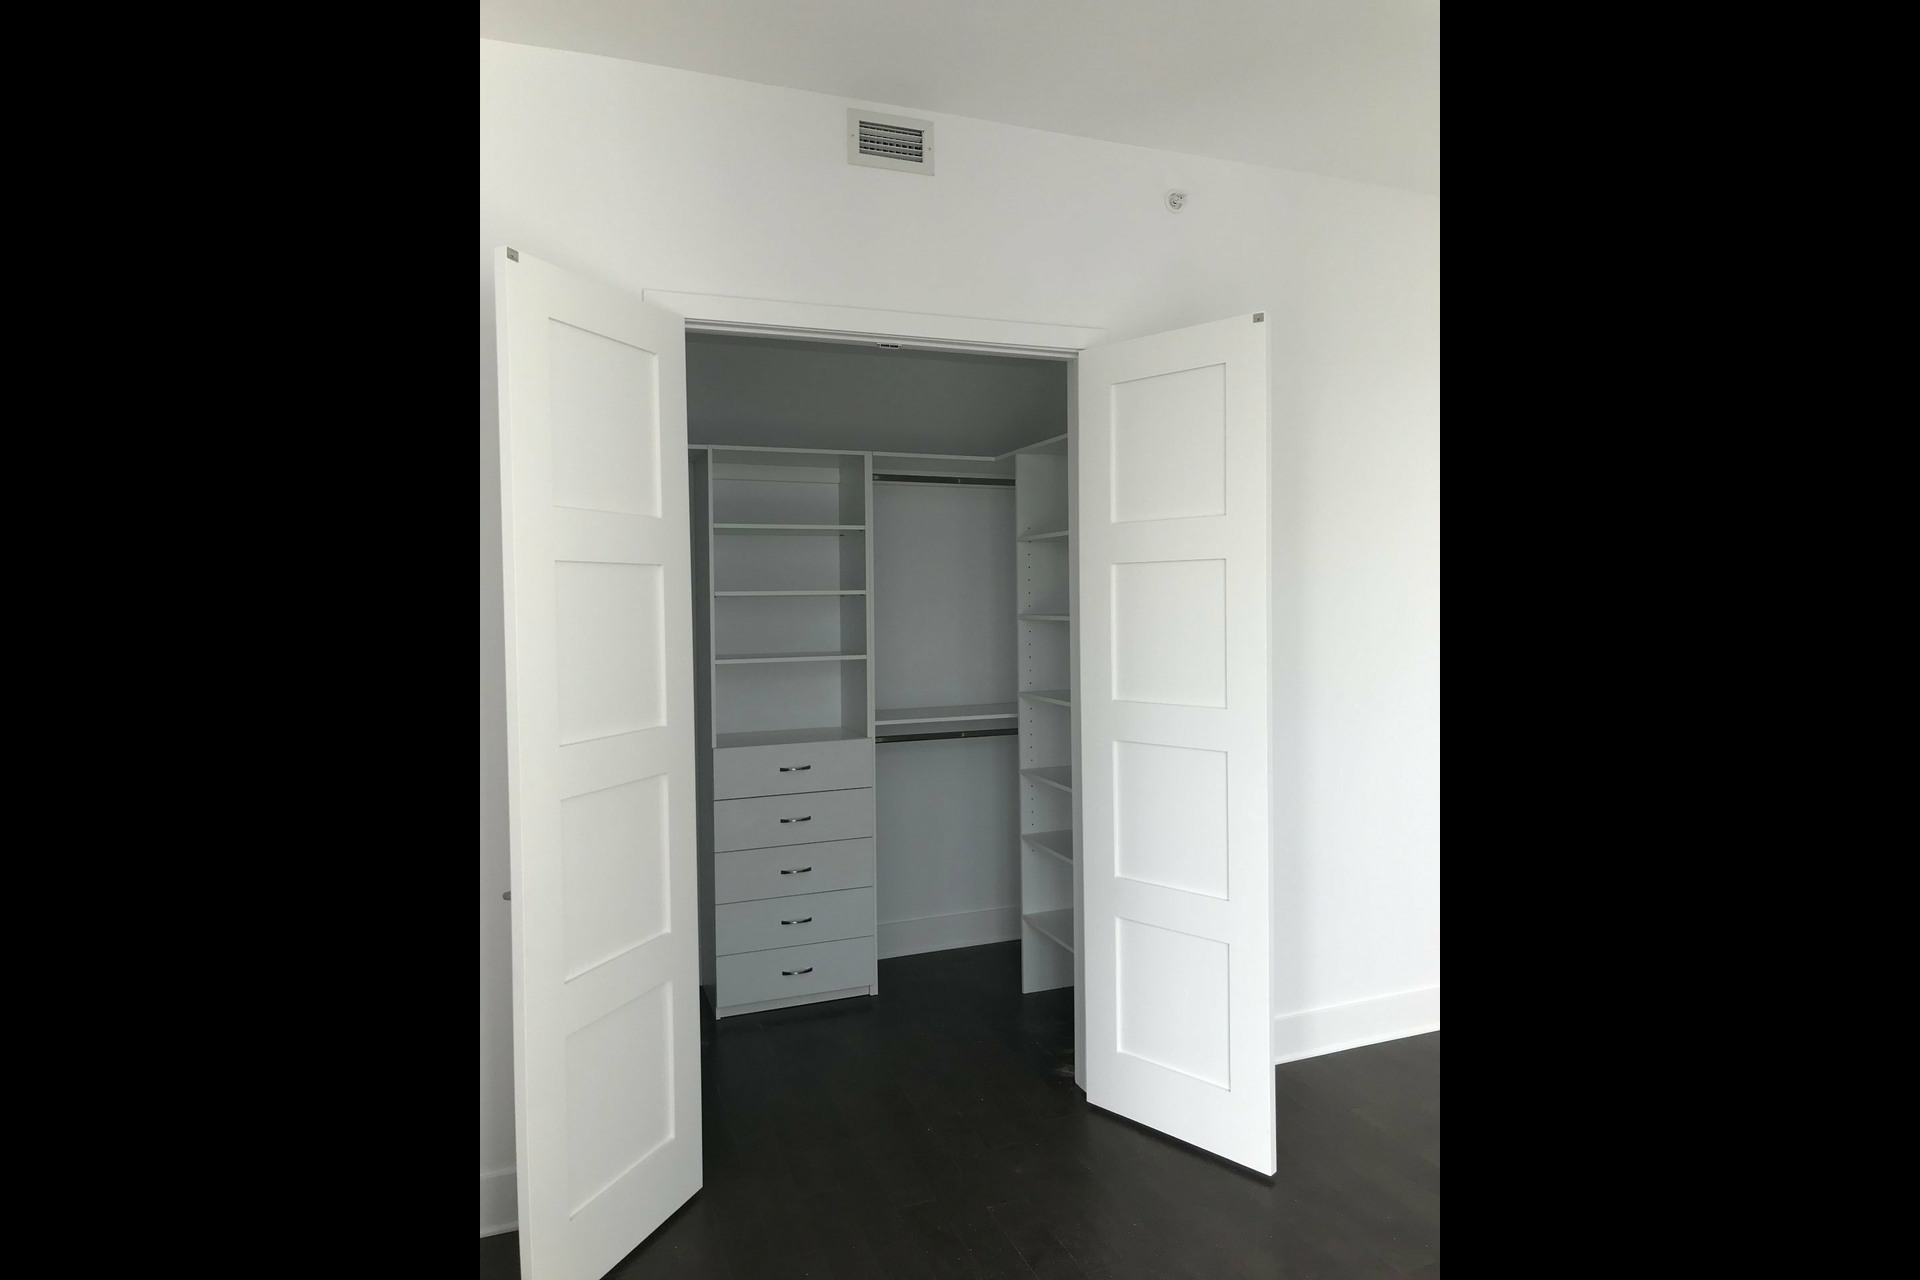 image 5 - Appartement À louer Côte-des-Neiges/Notre-Dame-de-Grâce Montréal  - 4 pièces